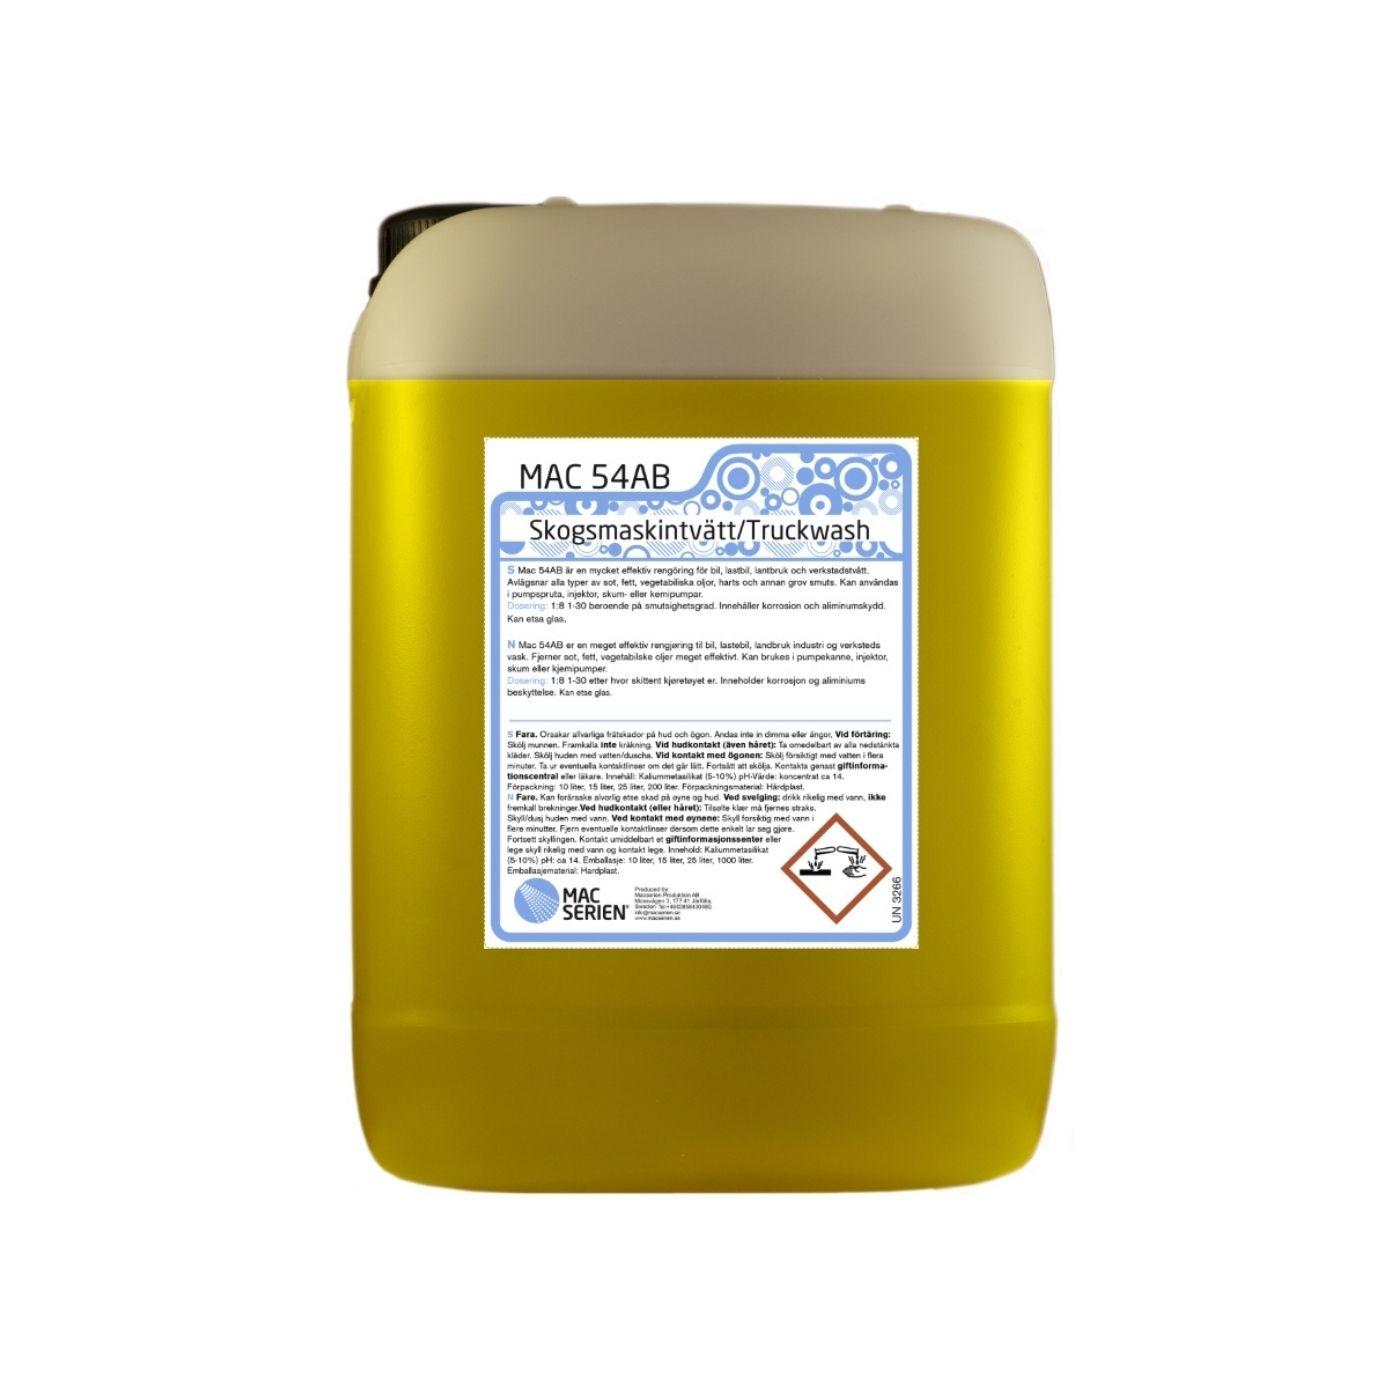 Förtvättsmedel Mac 54AB Skogsmaskinstvätt/ Truckwash, 10000 ml